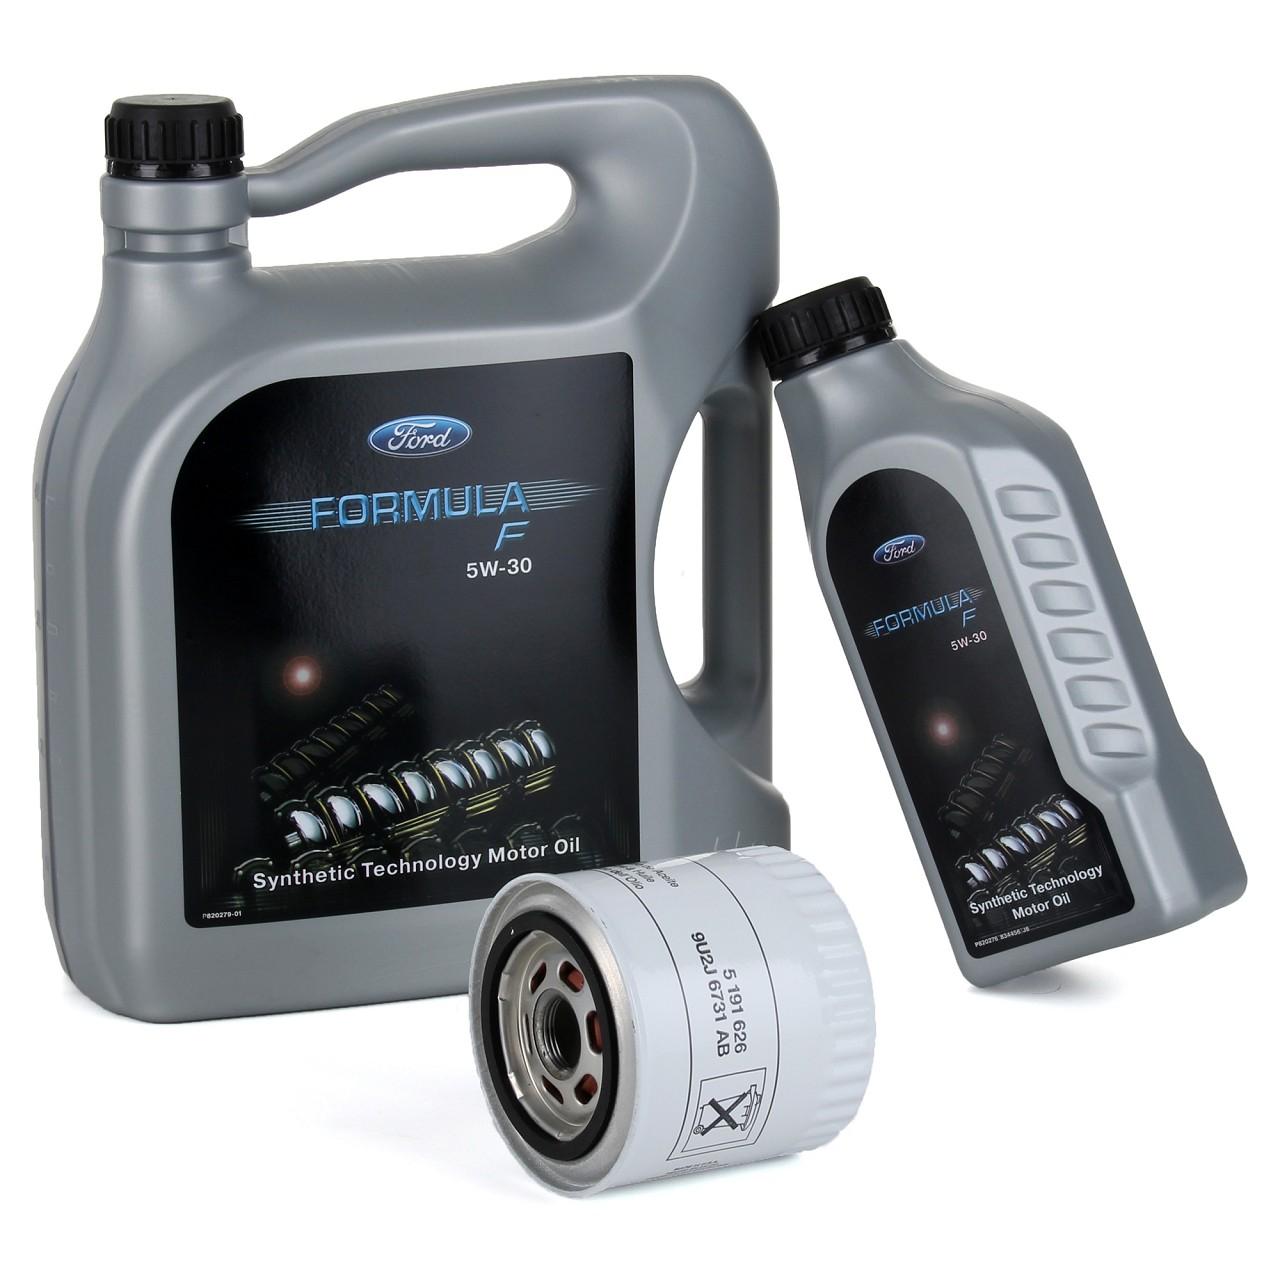 ORIGINAL Ford Motoröl Öl 5W30 5W-30 FORMULA F L 6 Liter + Ölfilter 5191626